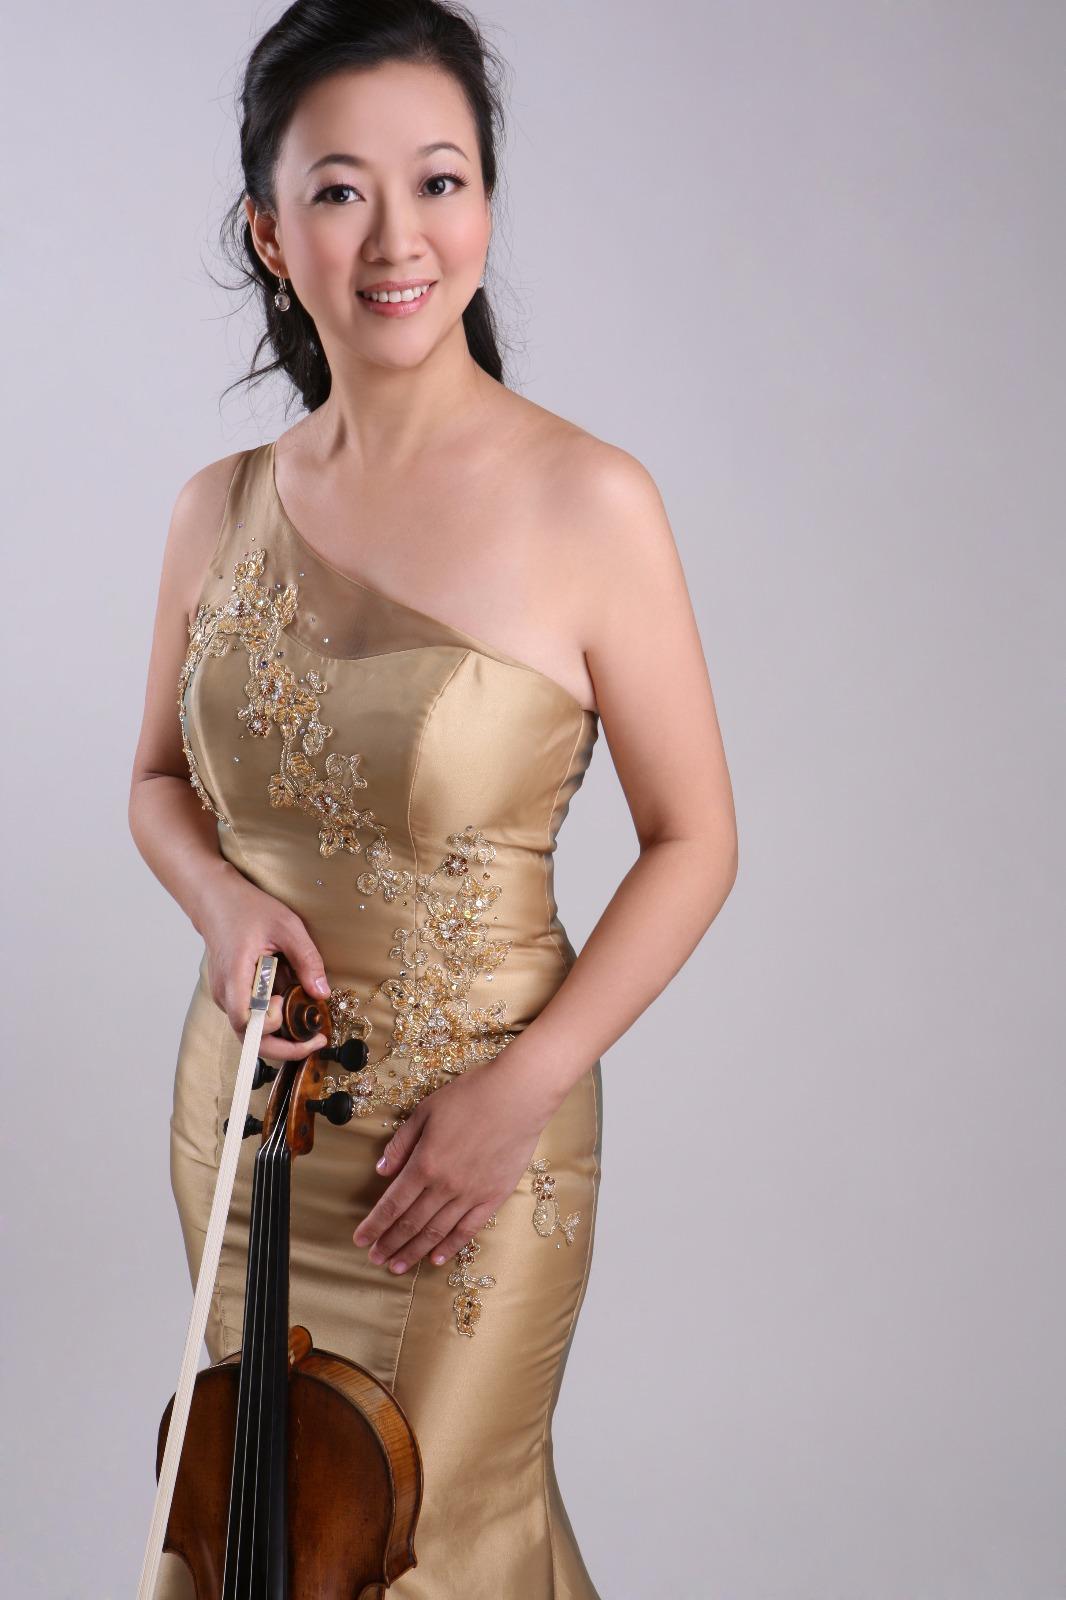 Zhang Manchin